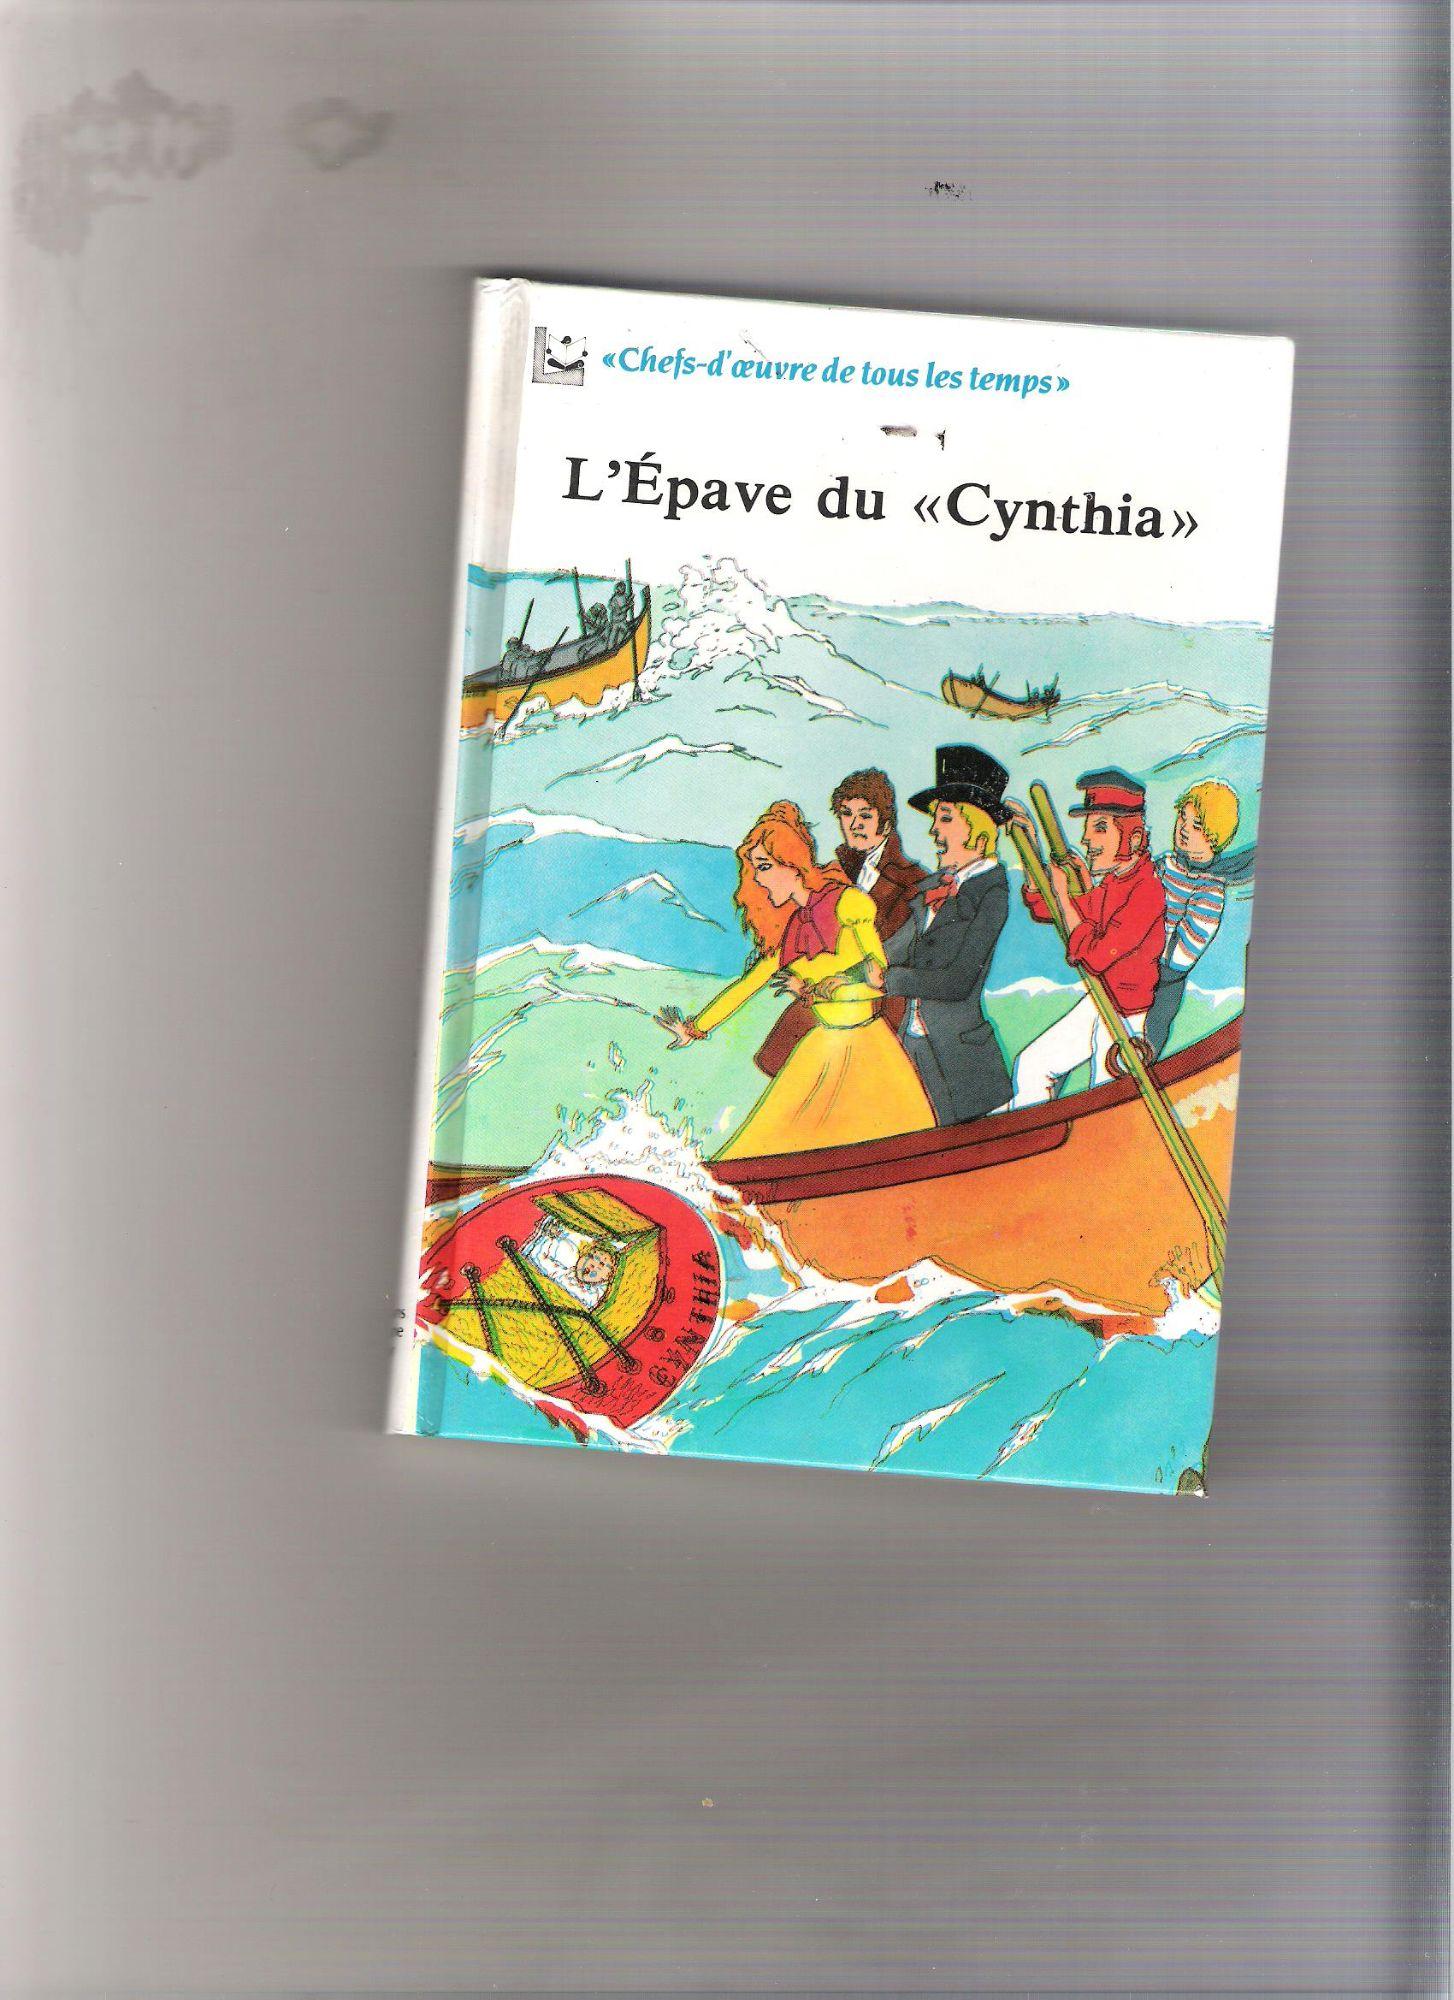 L'Epave de Cynthia